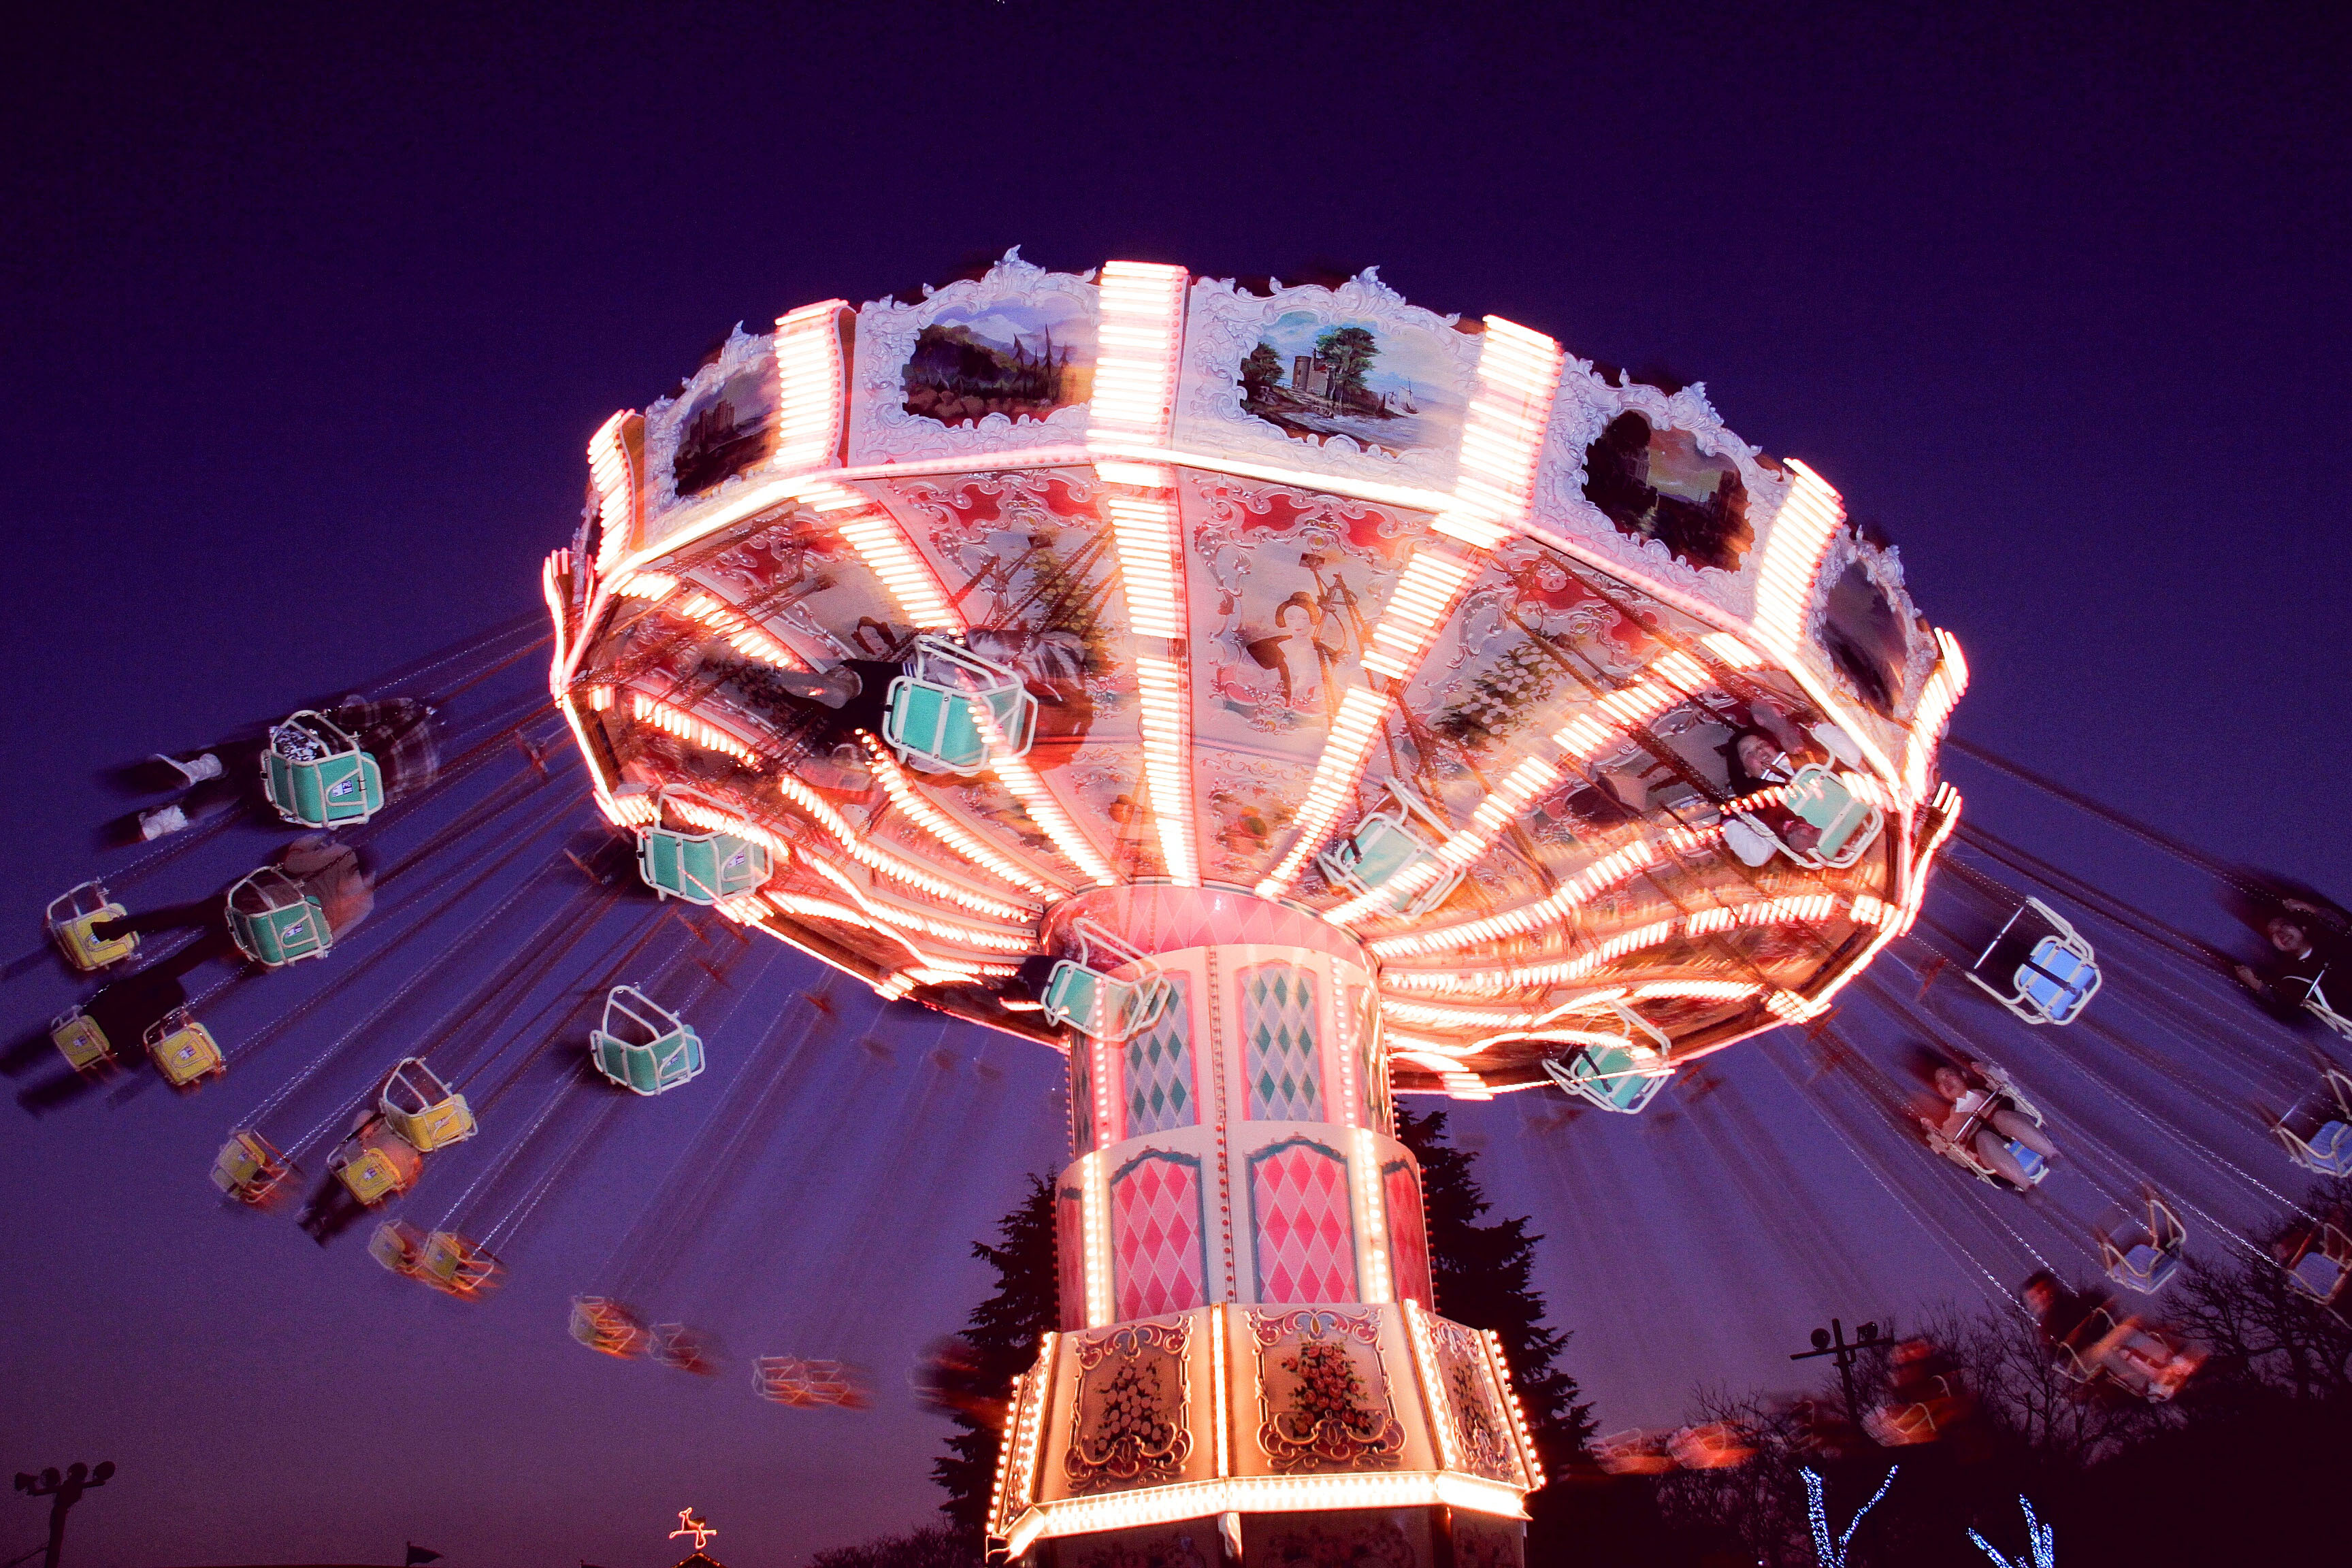 ウインターイルミネーション「星空の下の遊園地」フォトコンテスト入賞作品発表~3月7日からみろくの里特設会場にて作品展開催